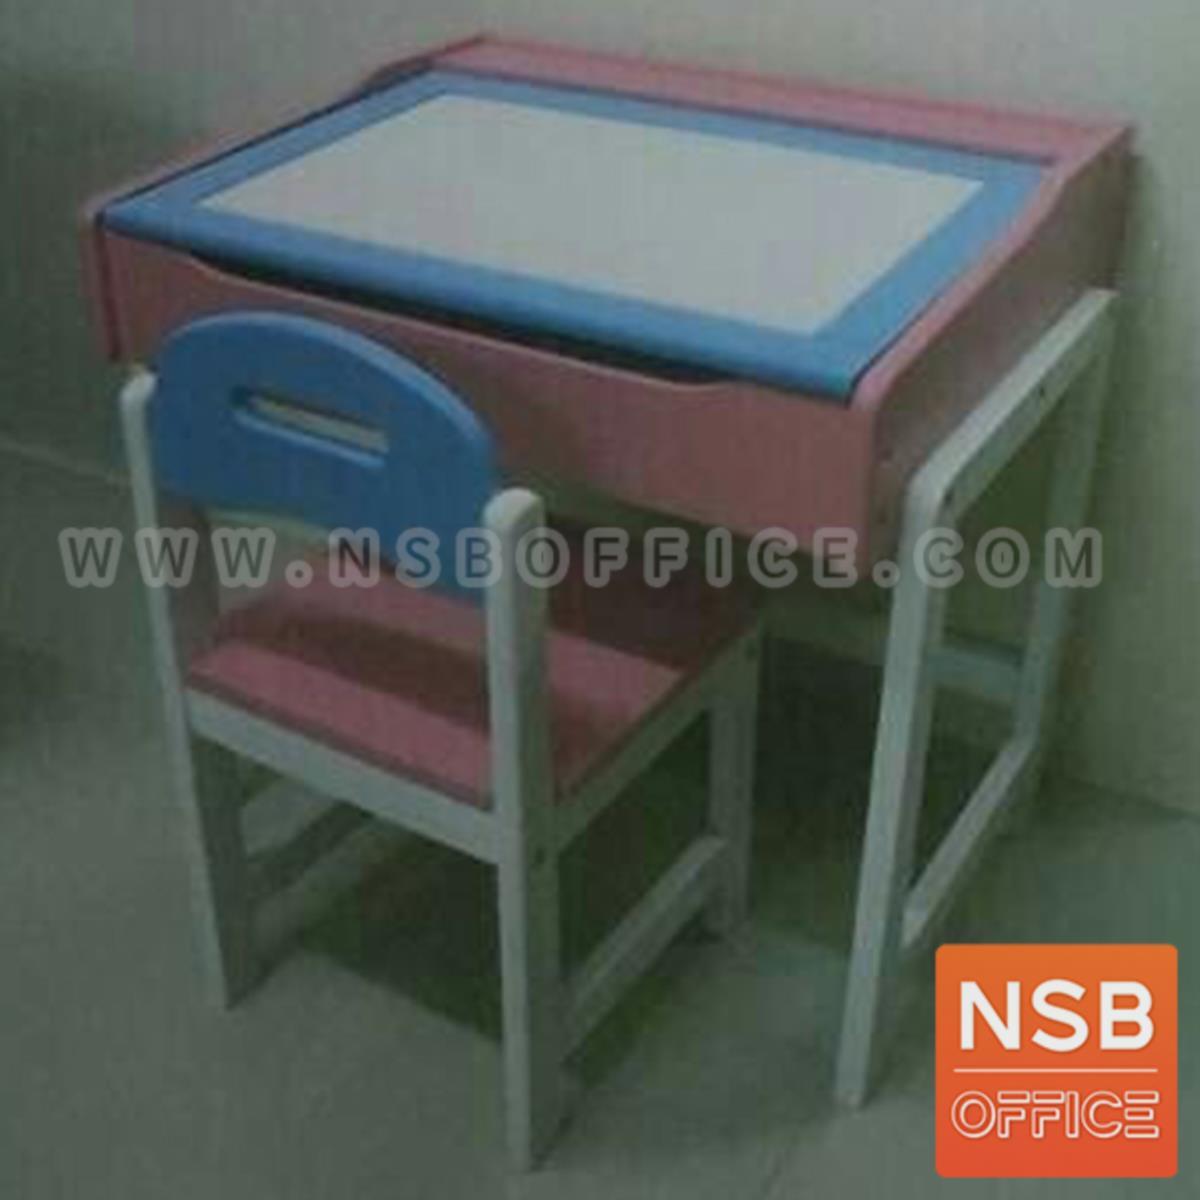 G20A009:ชุดโต๊ะและเก้าอี้นักเรียนไม้ยางพารา รุ่น Conner (คอนเนอร์)  มีที่เก็บของใต้โต๊ะ สีแฟนซี